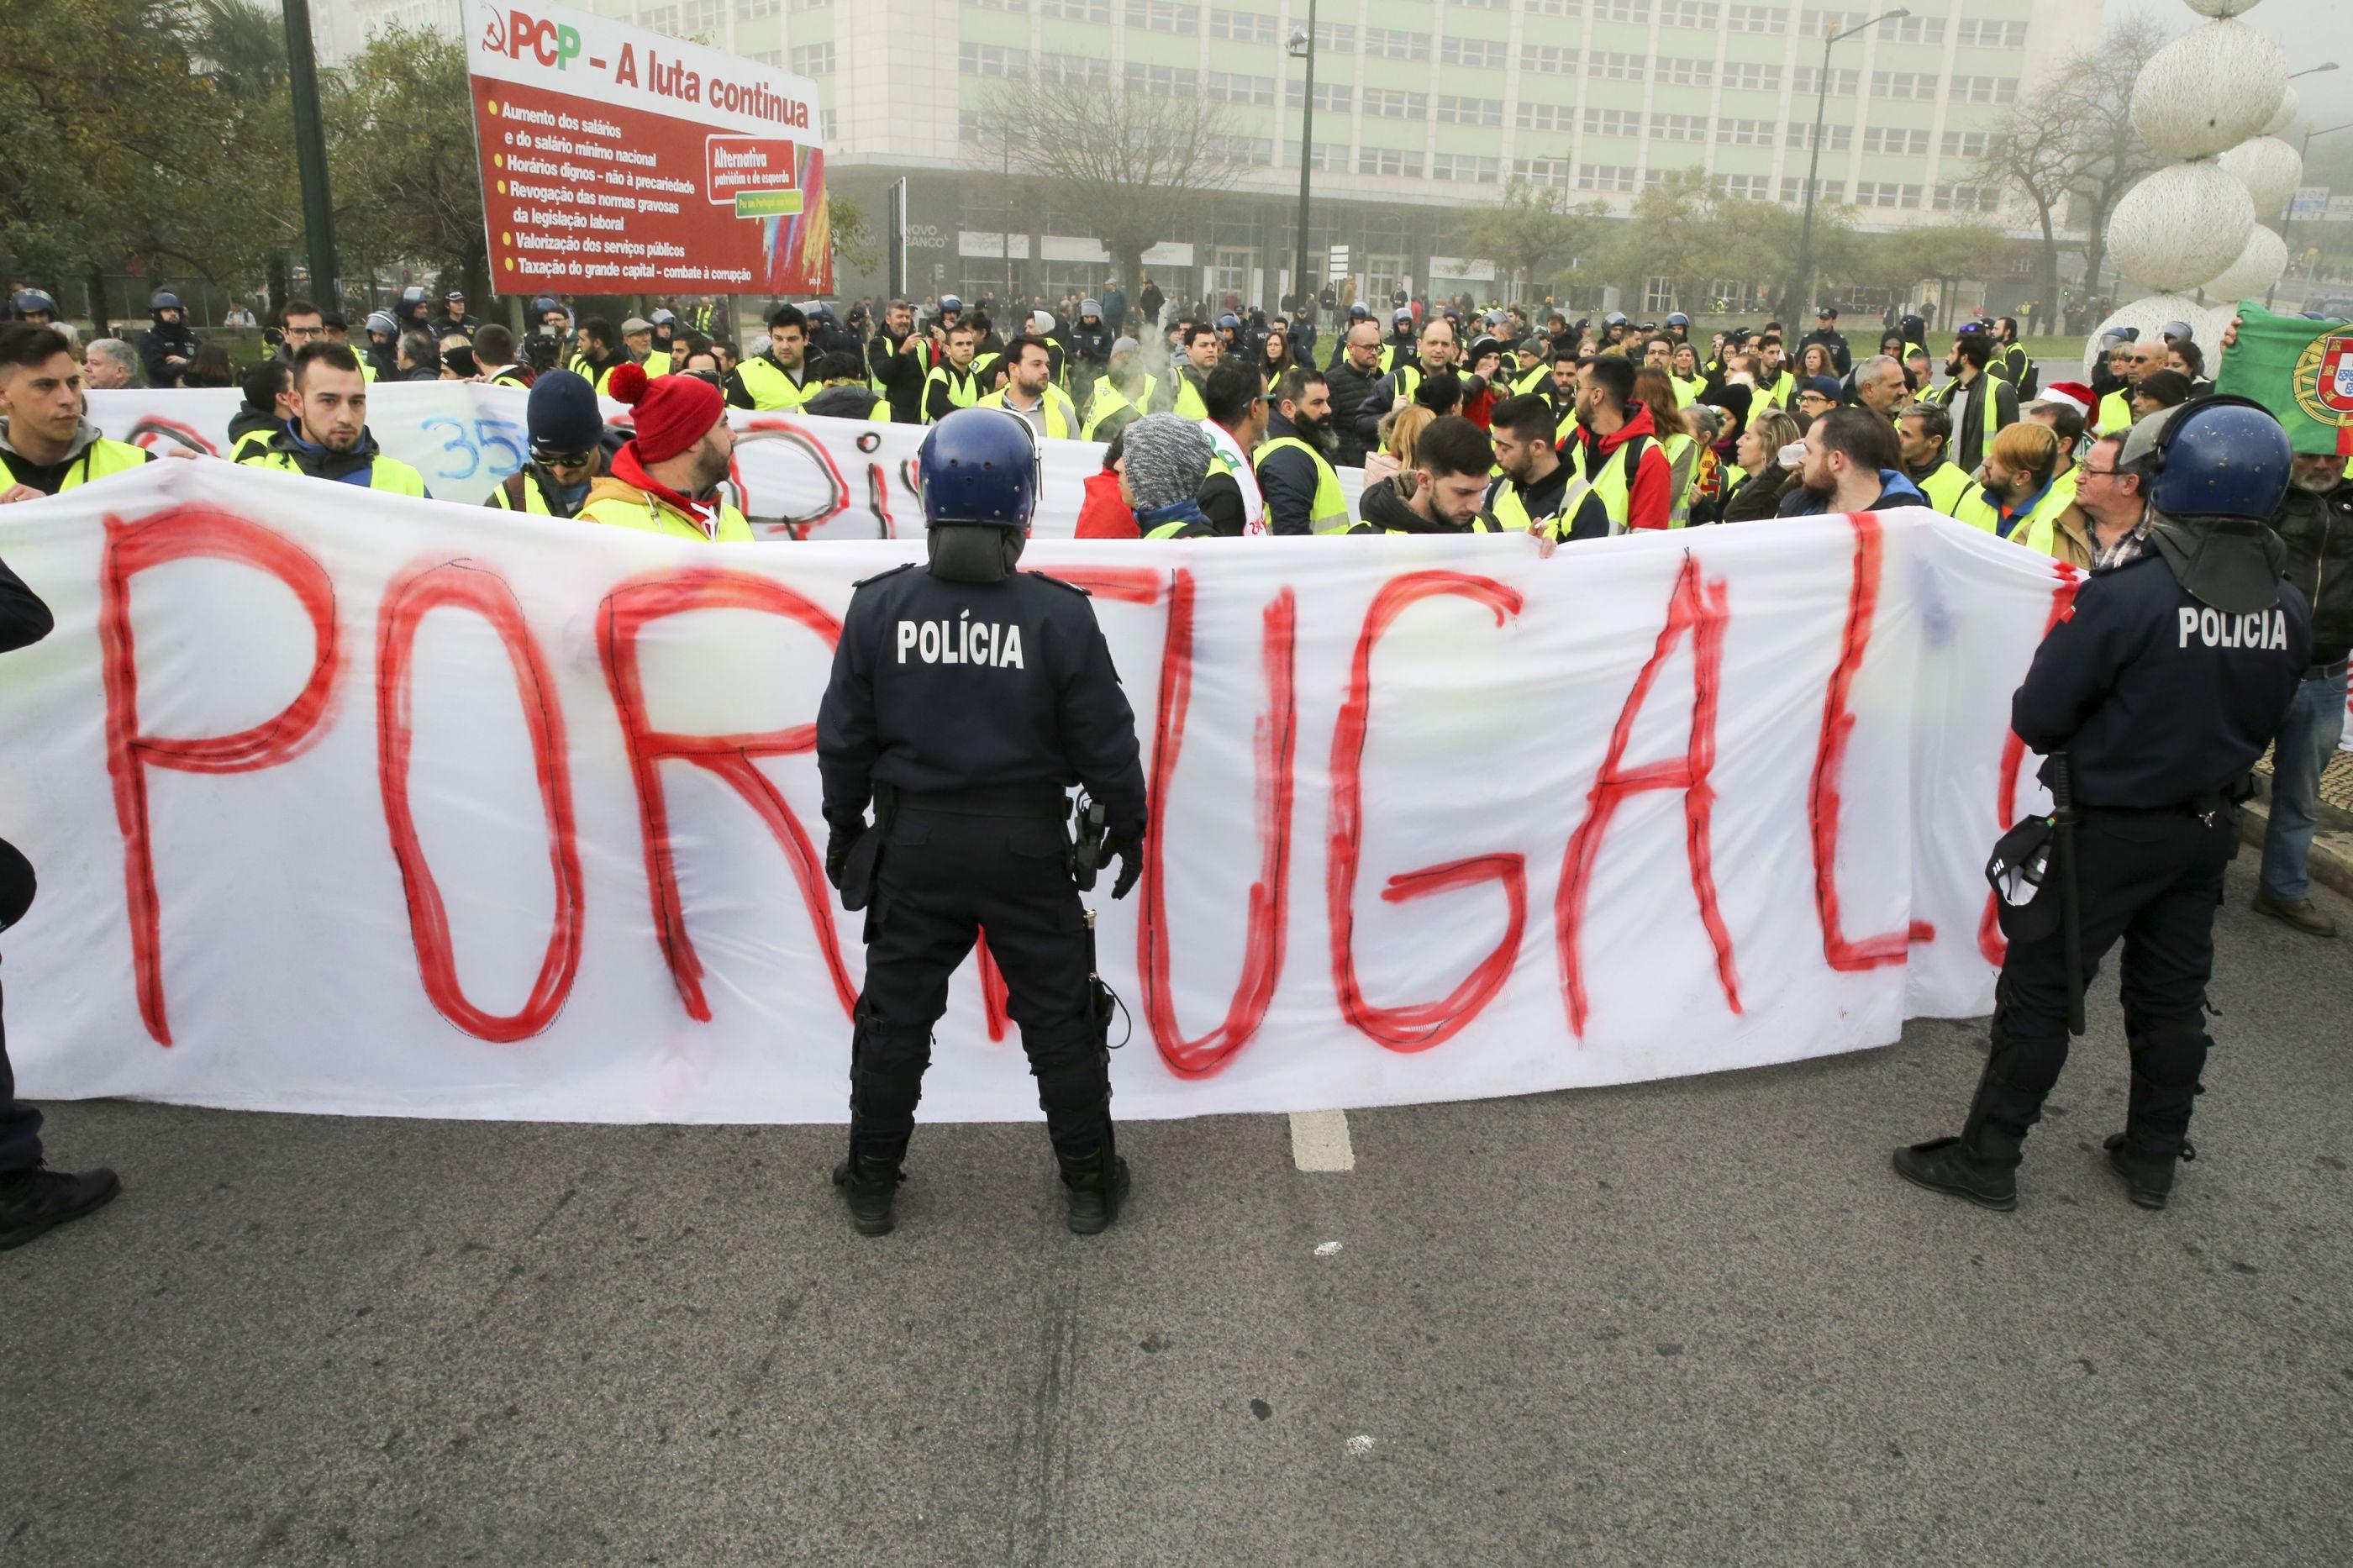 Coletes amarelos: Cerca de 30 manifestantes mantêm-se no Marquês